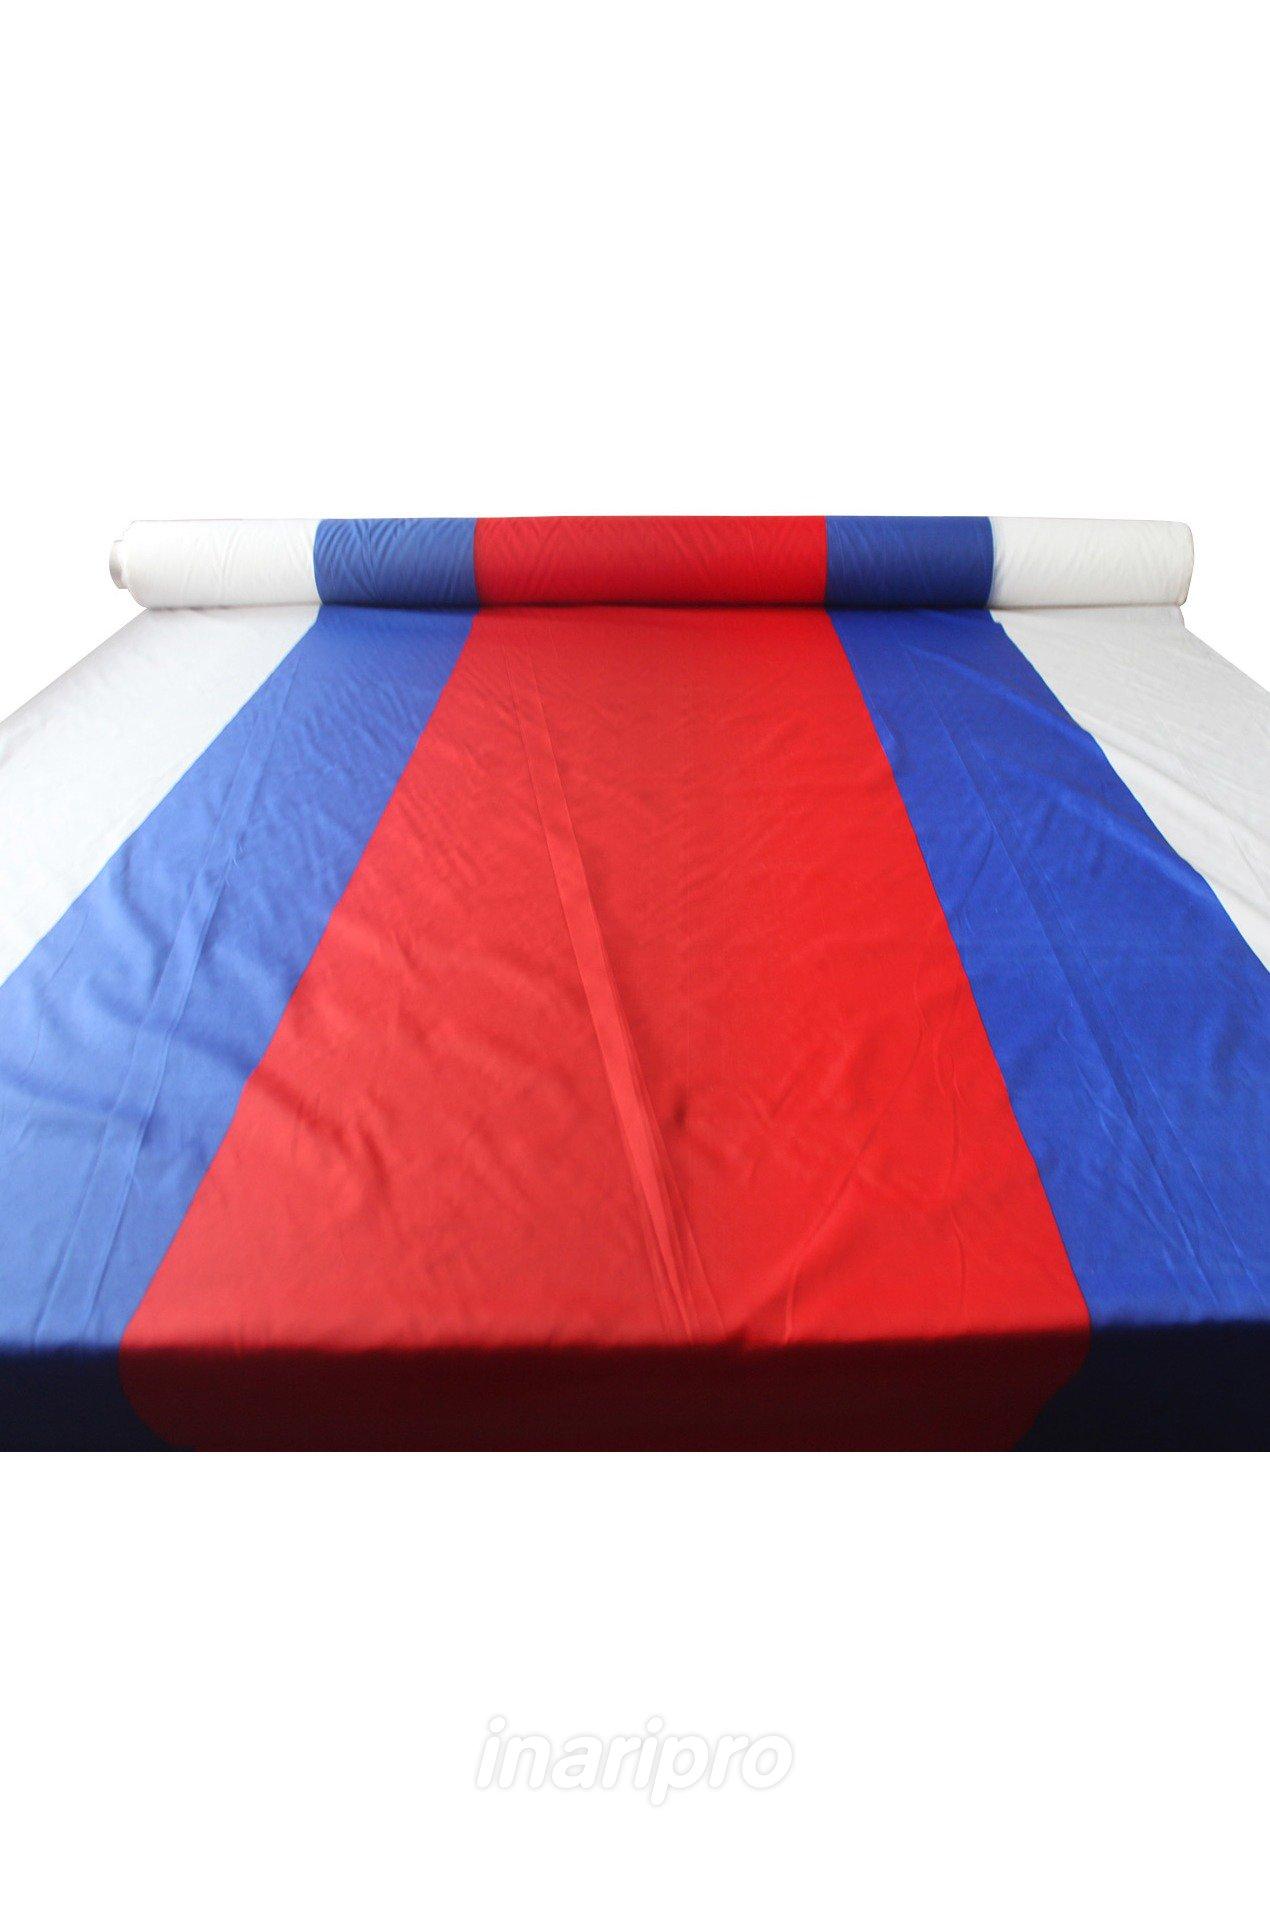 Купить ткань флаг ткани с интересными принтами